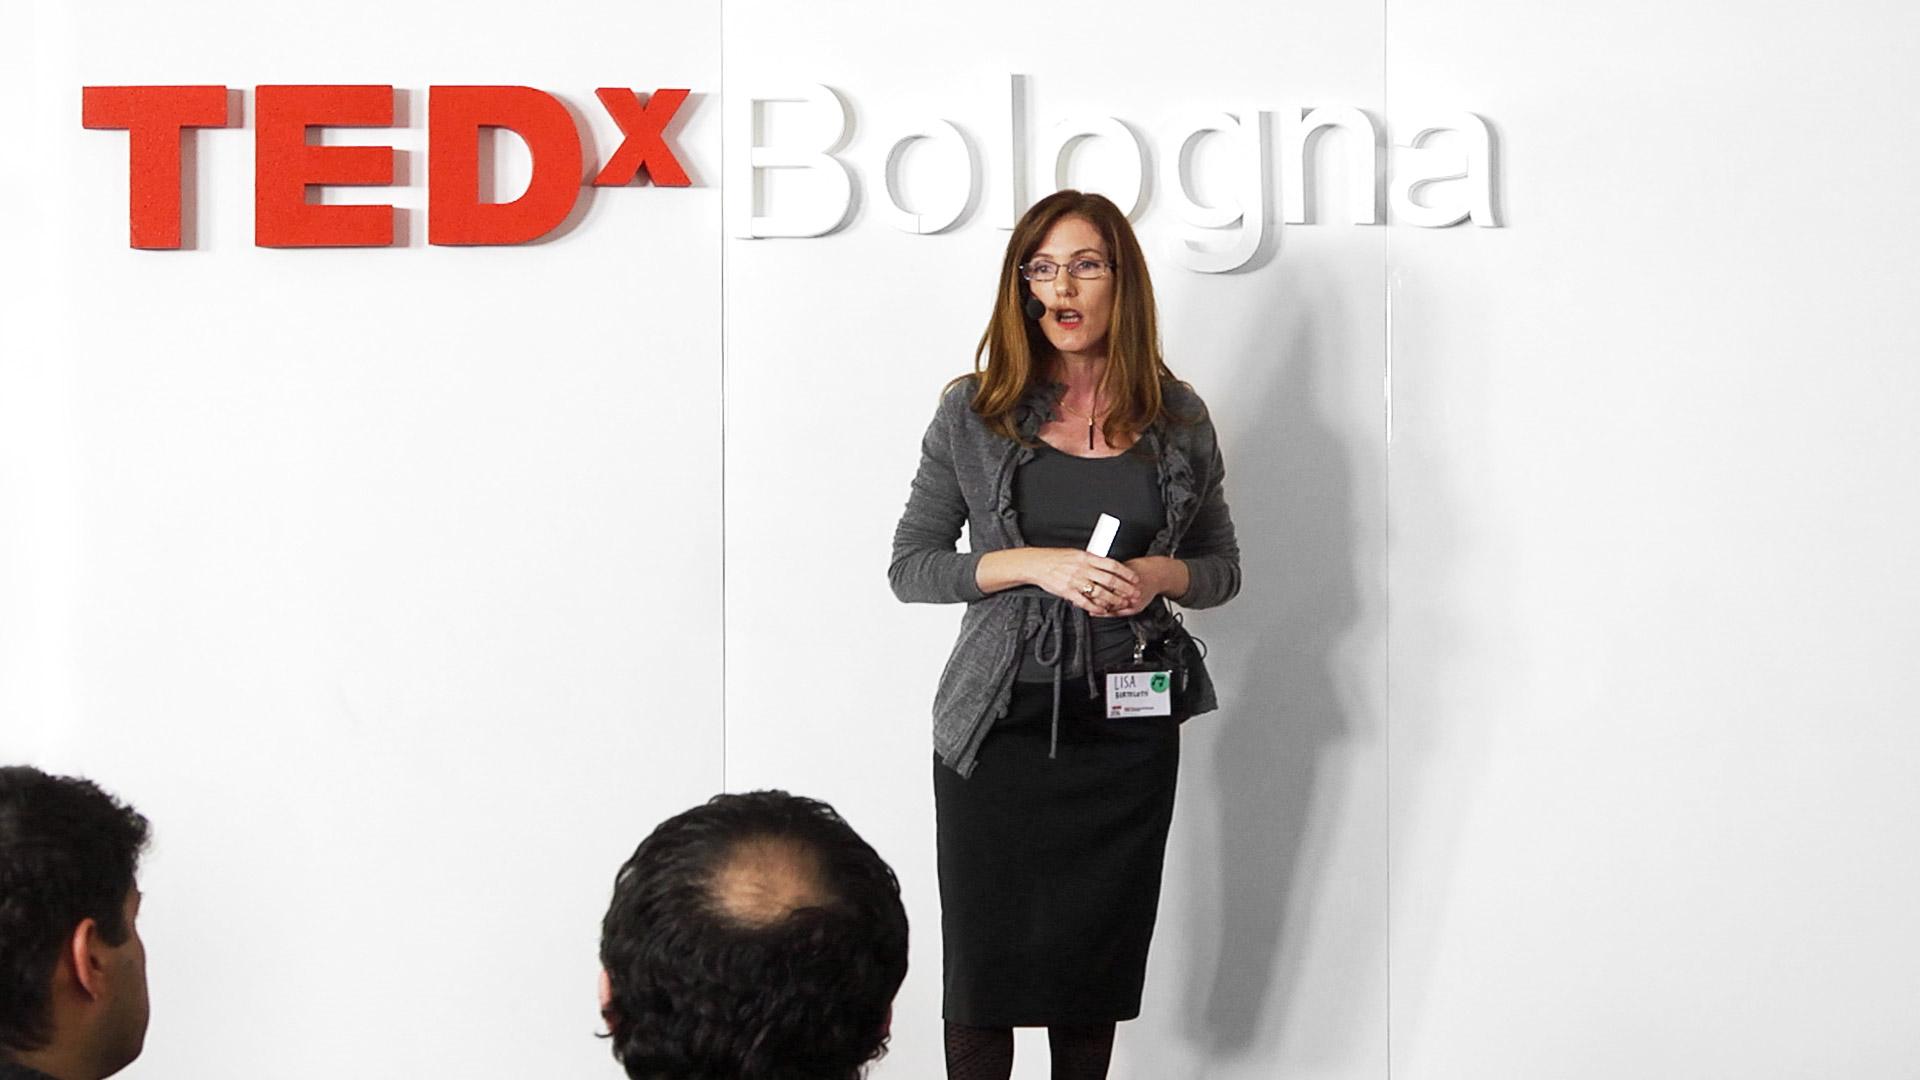 TEDx Bologna – Lisa Bortolotti